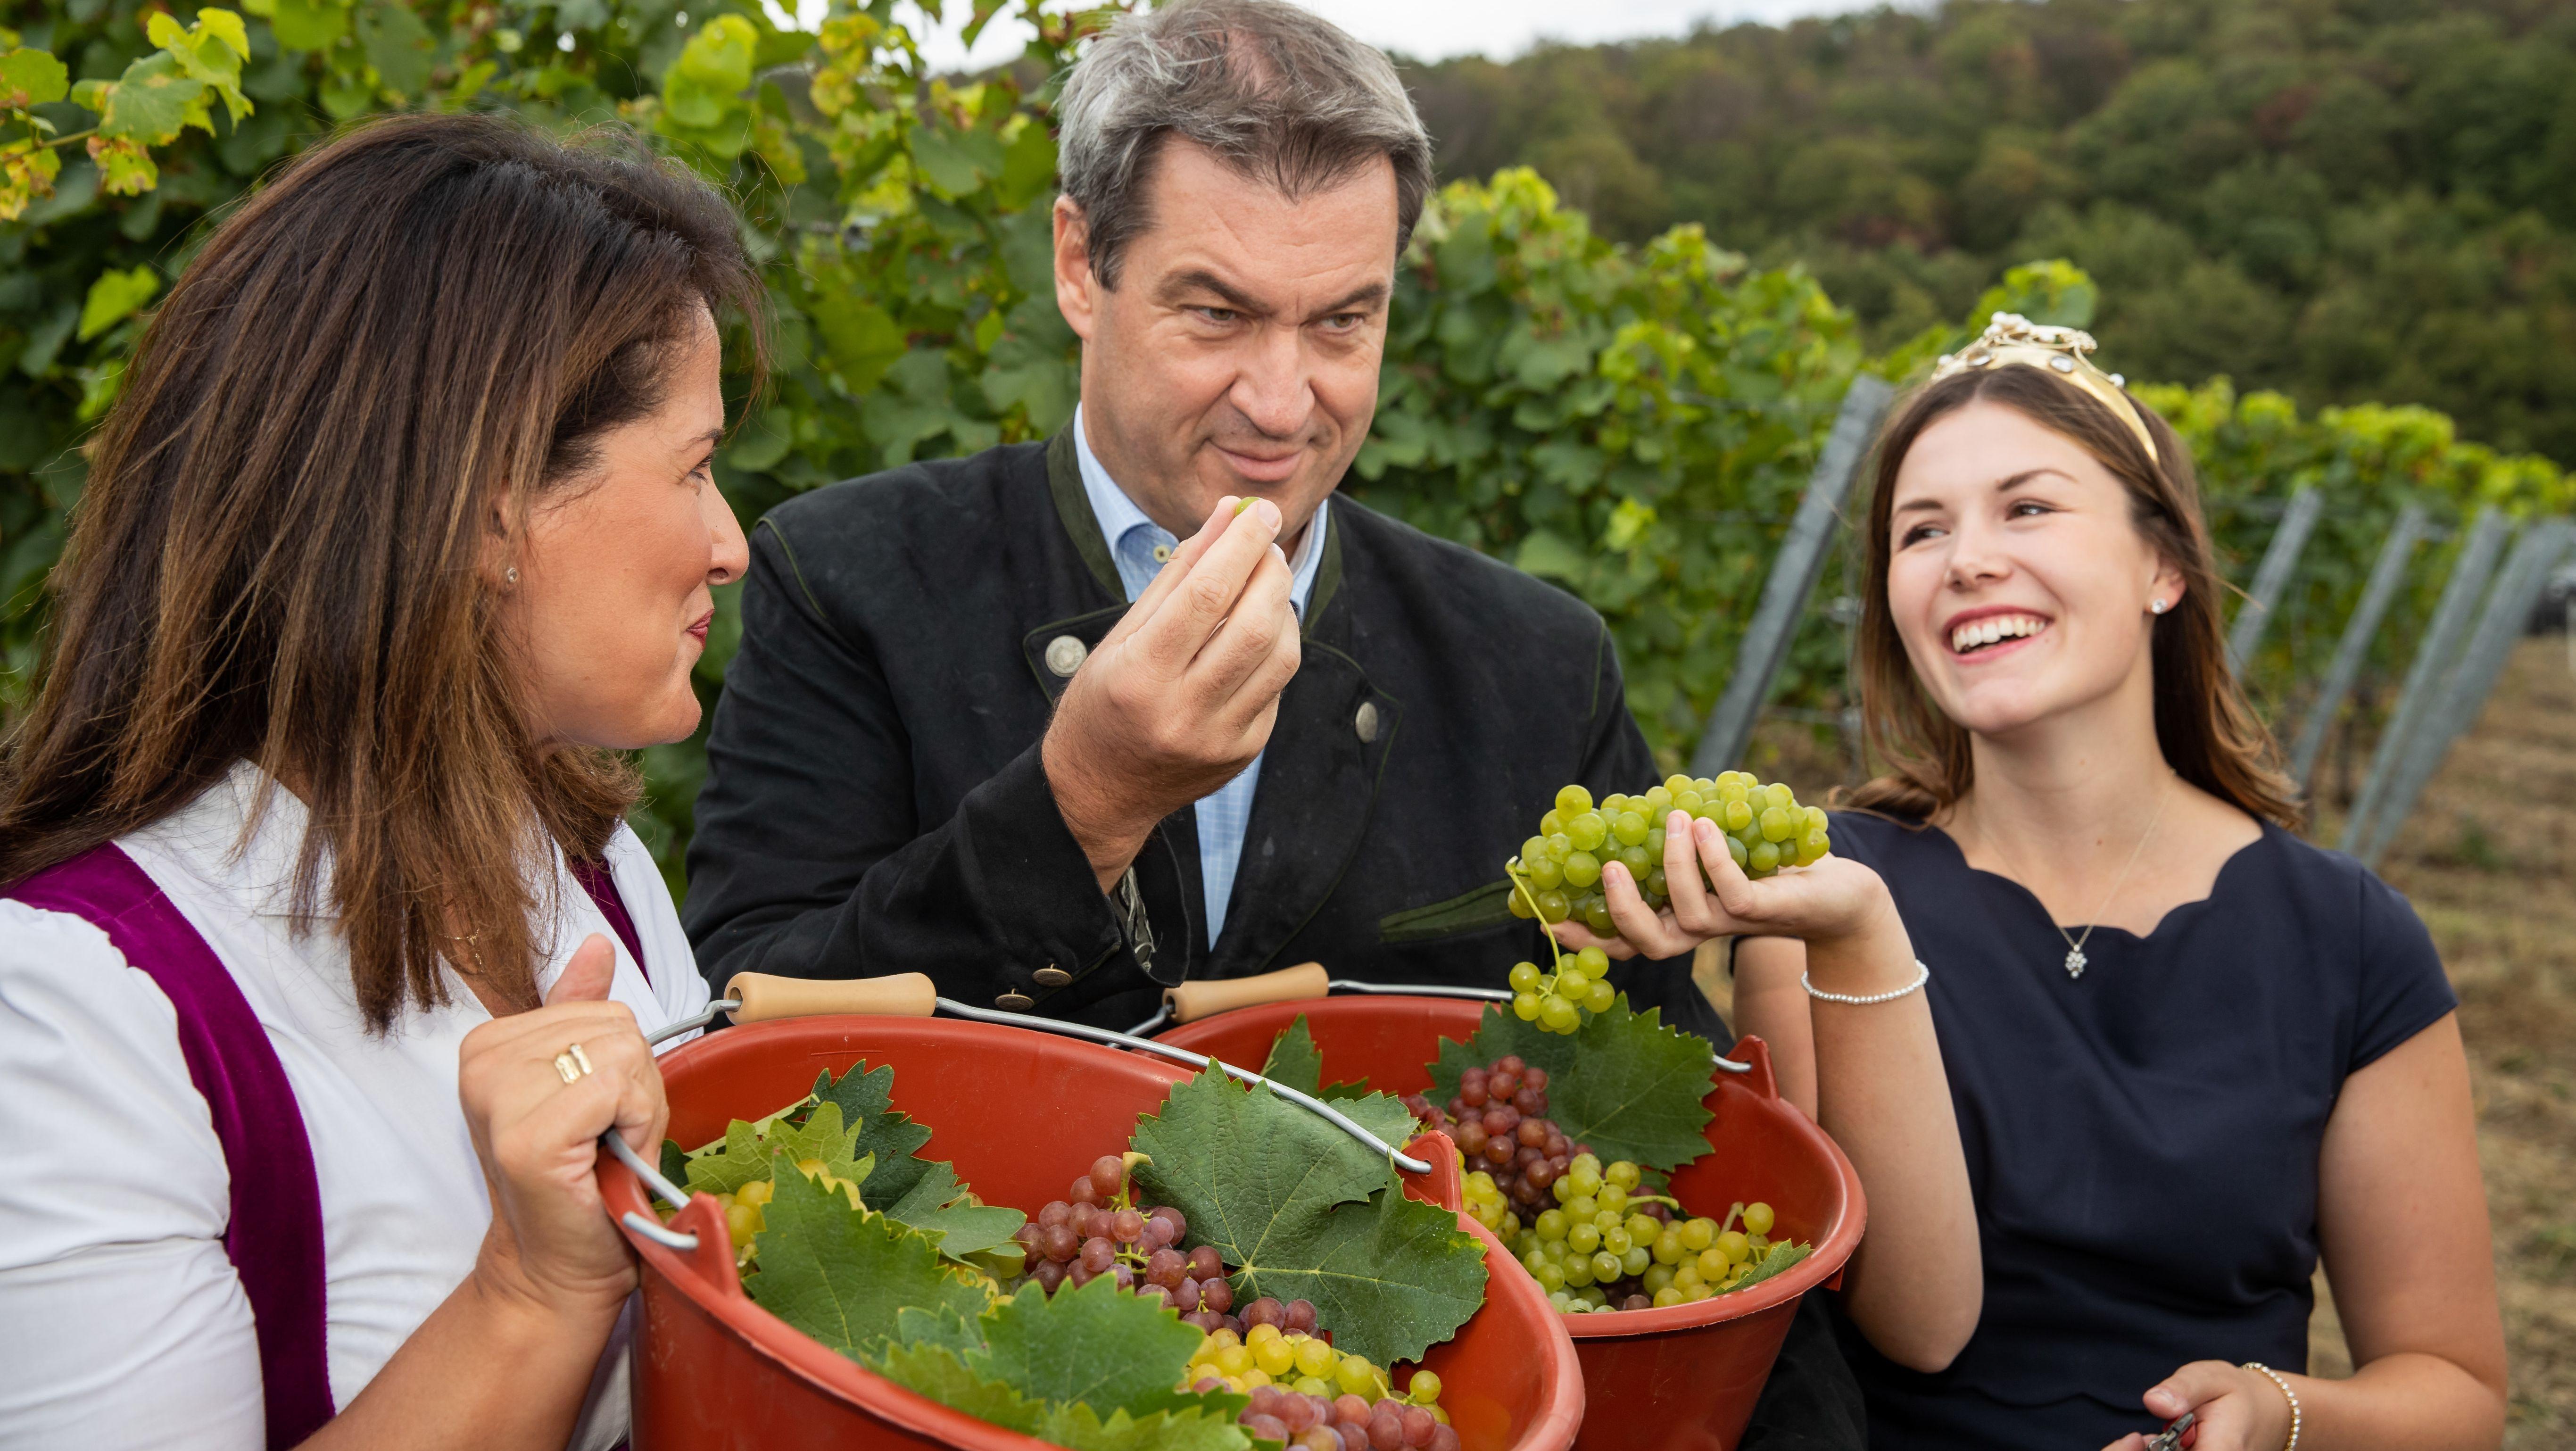 Markus Söder, Ministerpräsident von Bayern, Michaela Kaniber, Landwirtschaftsministerin von Bayern (links)  und Carolin Meyer, Fränkische Weinkönigin, stehen während der offiziellen Eröffnung der fränkischen Weinlese 2019.